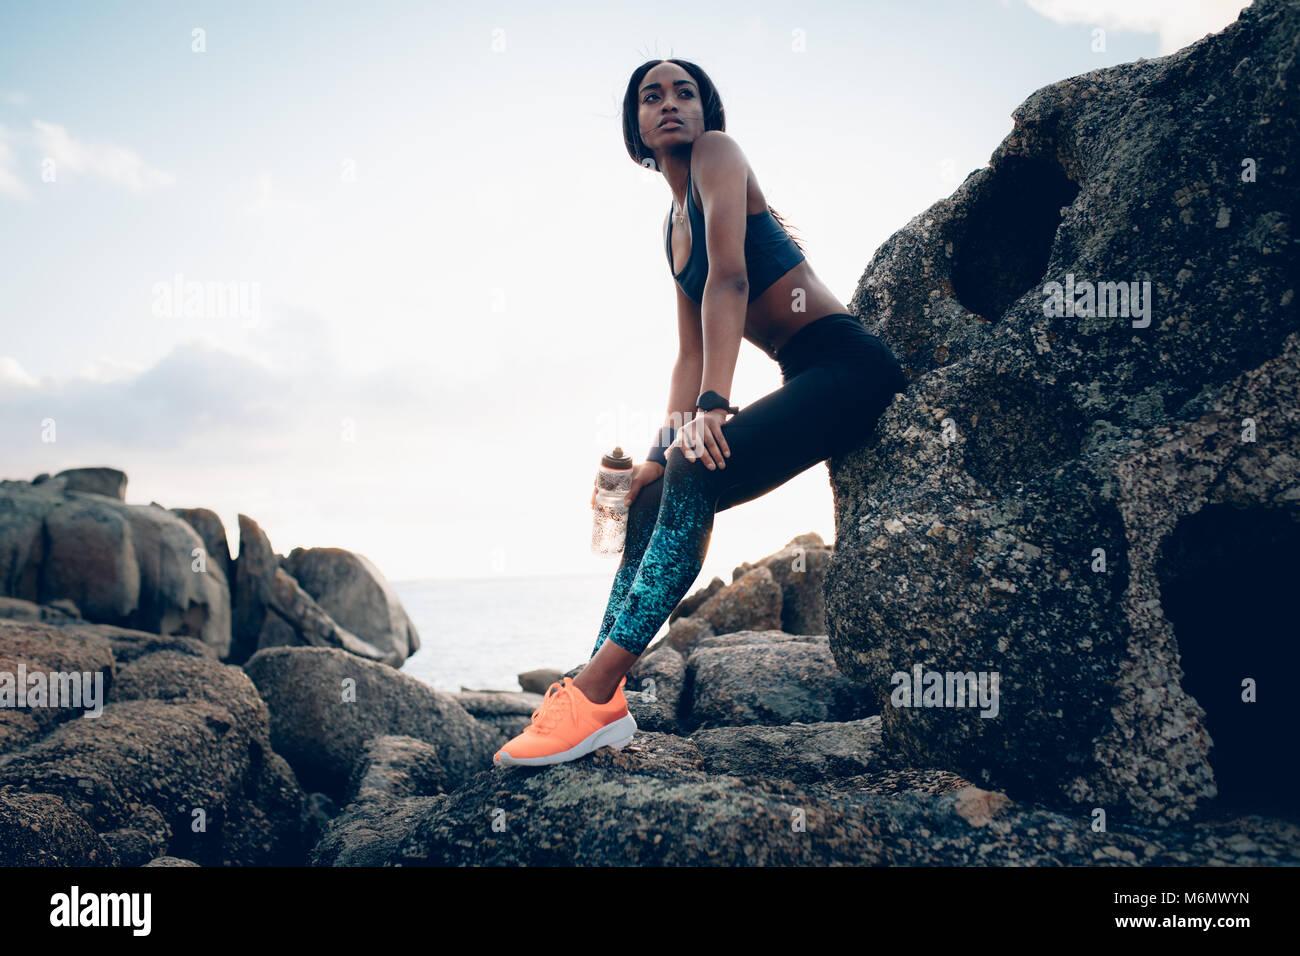 Salud mujer africana con una botella de agua sentado sobre una roca. Hembra relajante después de hacer ejercicio Imagen De Stock